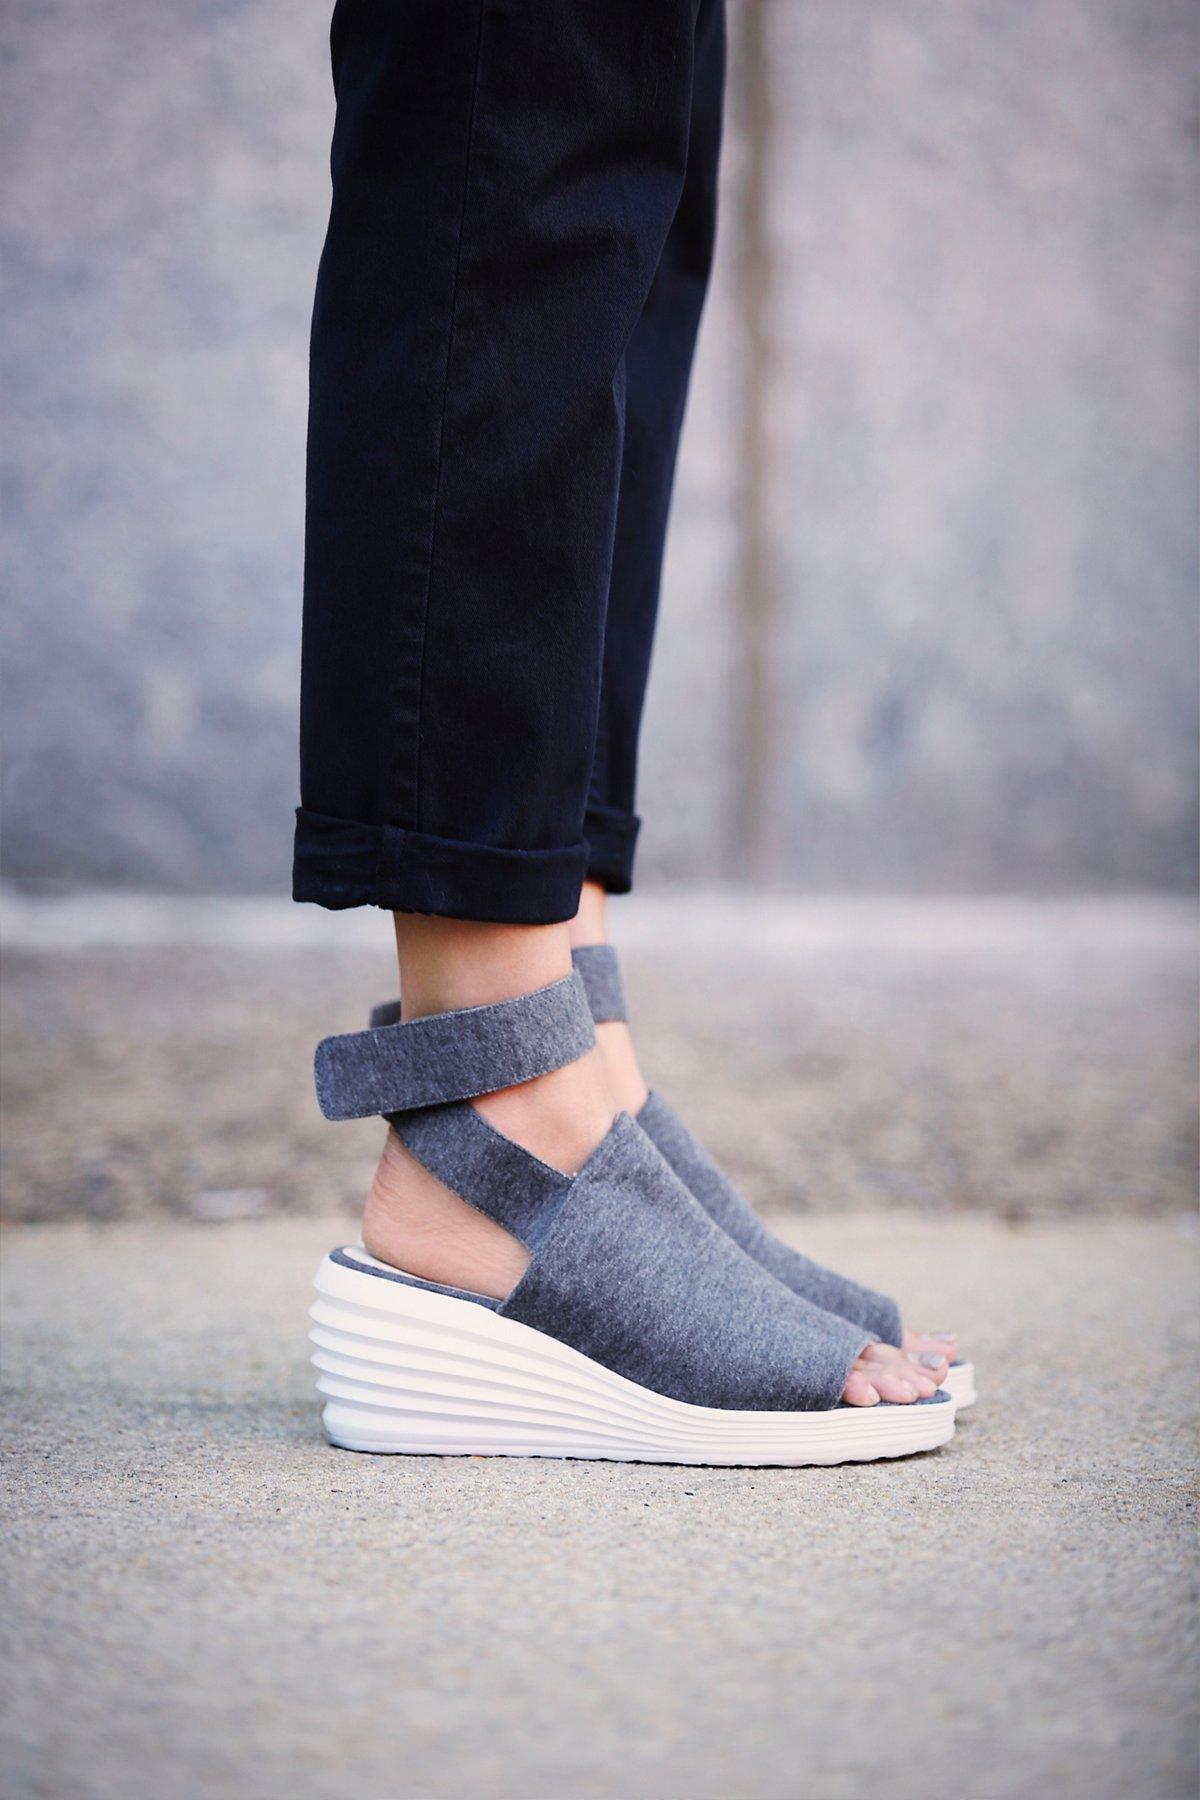 坡跟运动鞋